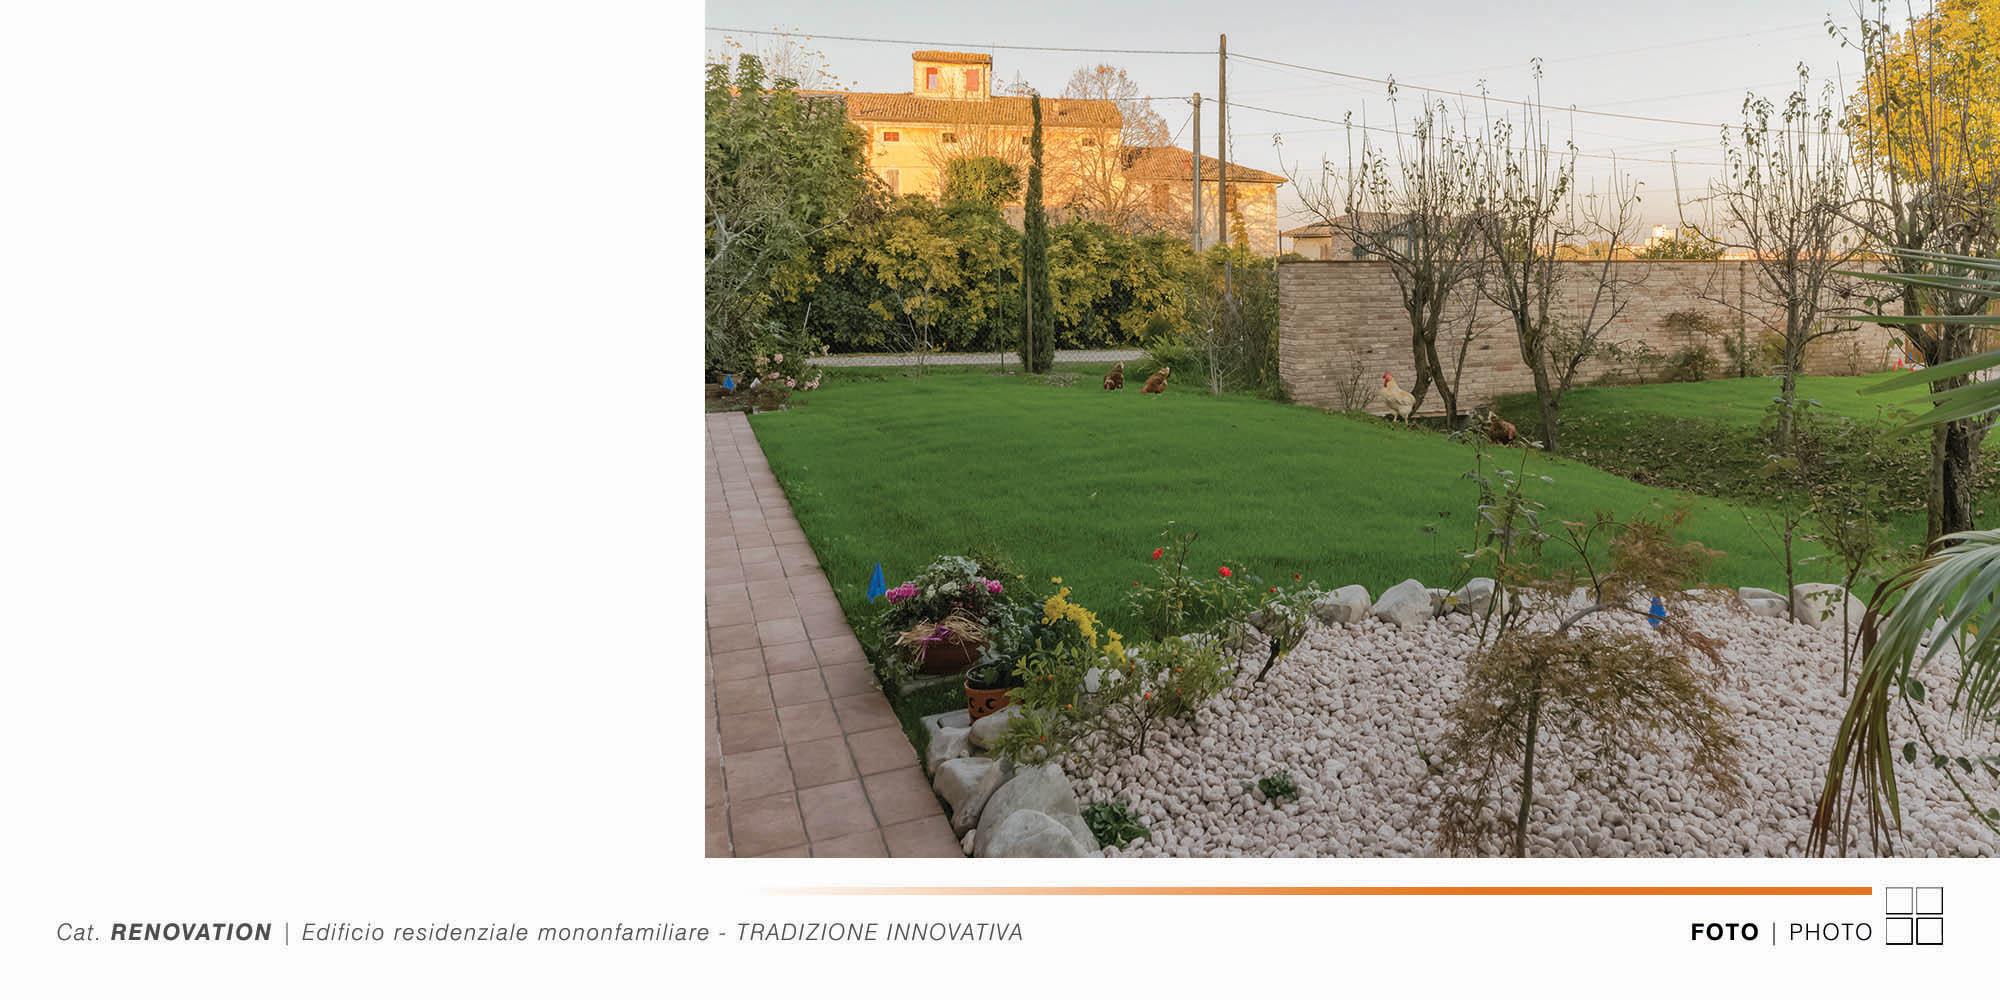 Edificio Residenziale Monofamiliare - TRADIZIONE INNOVATIVA - 005